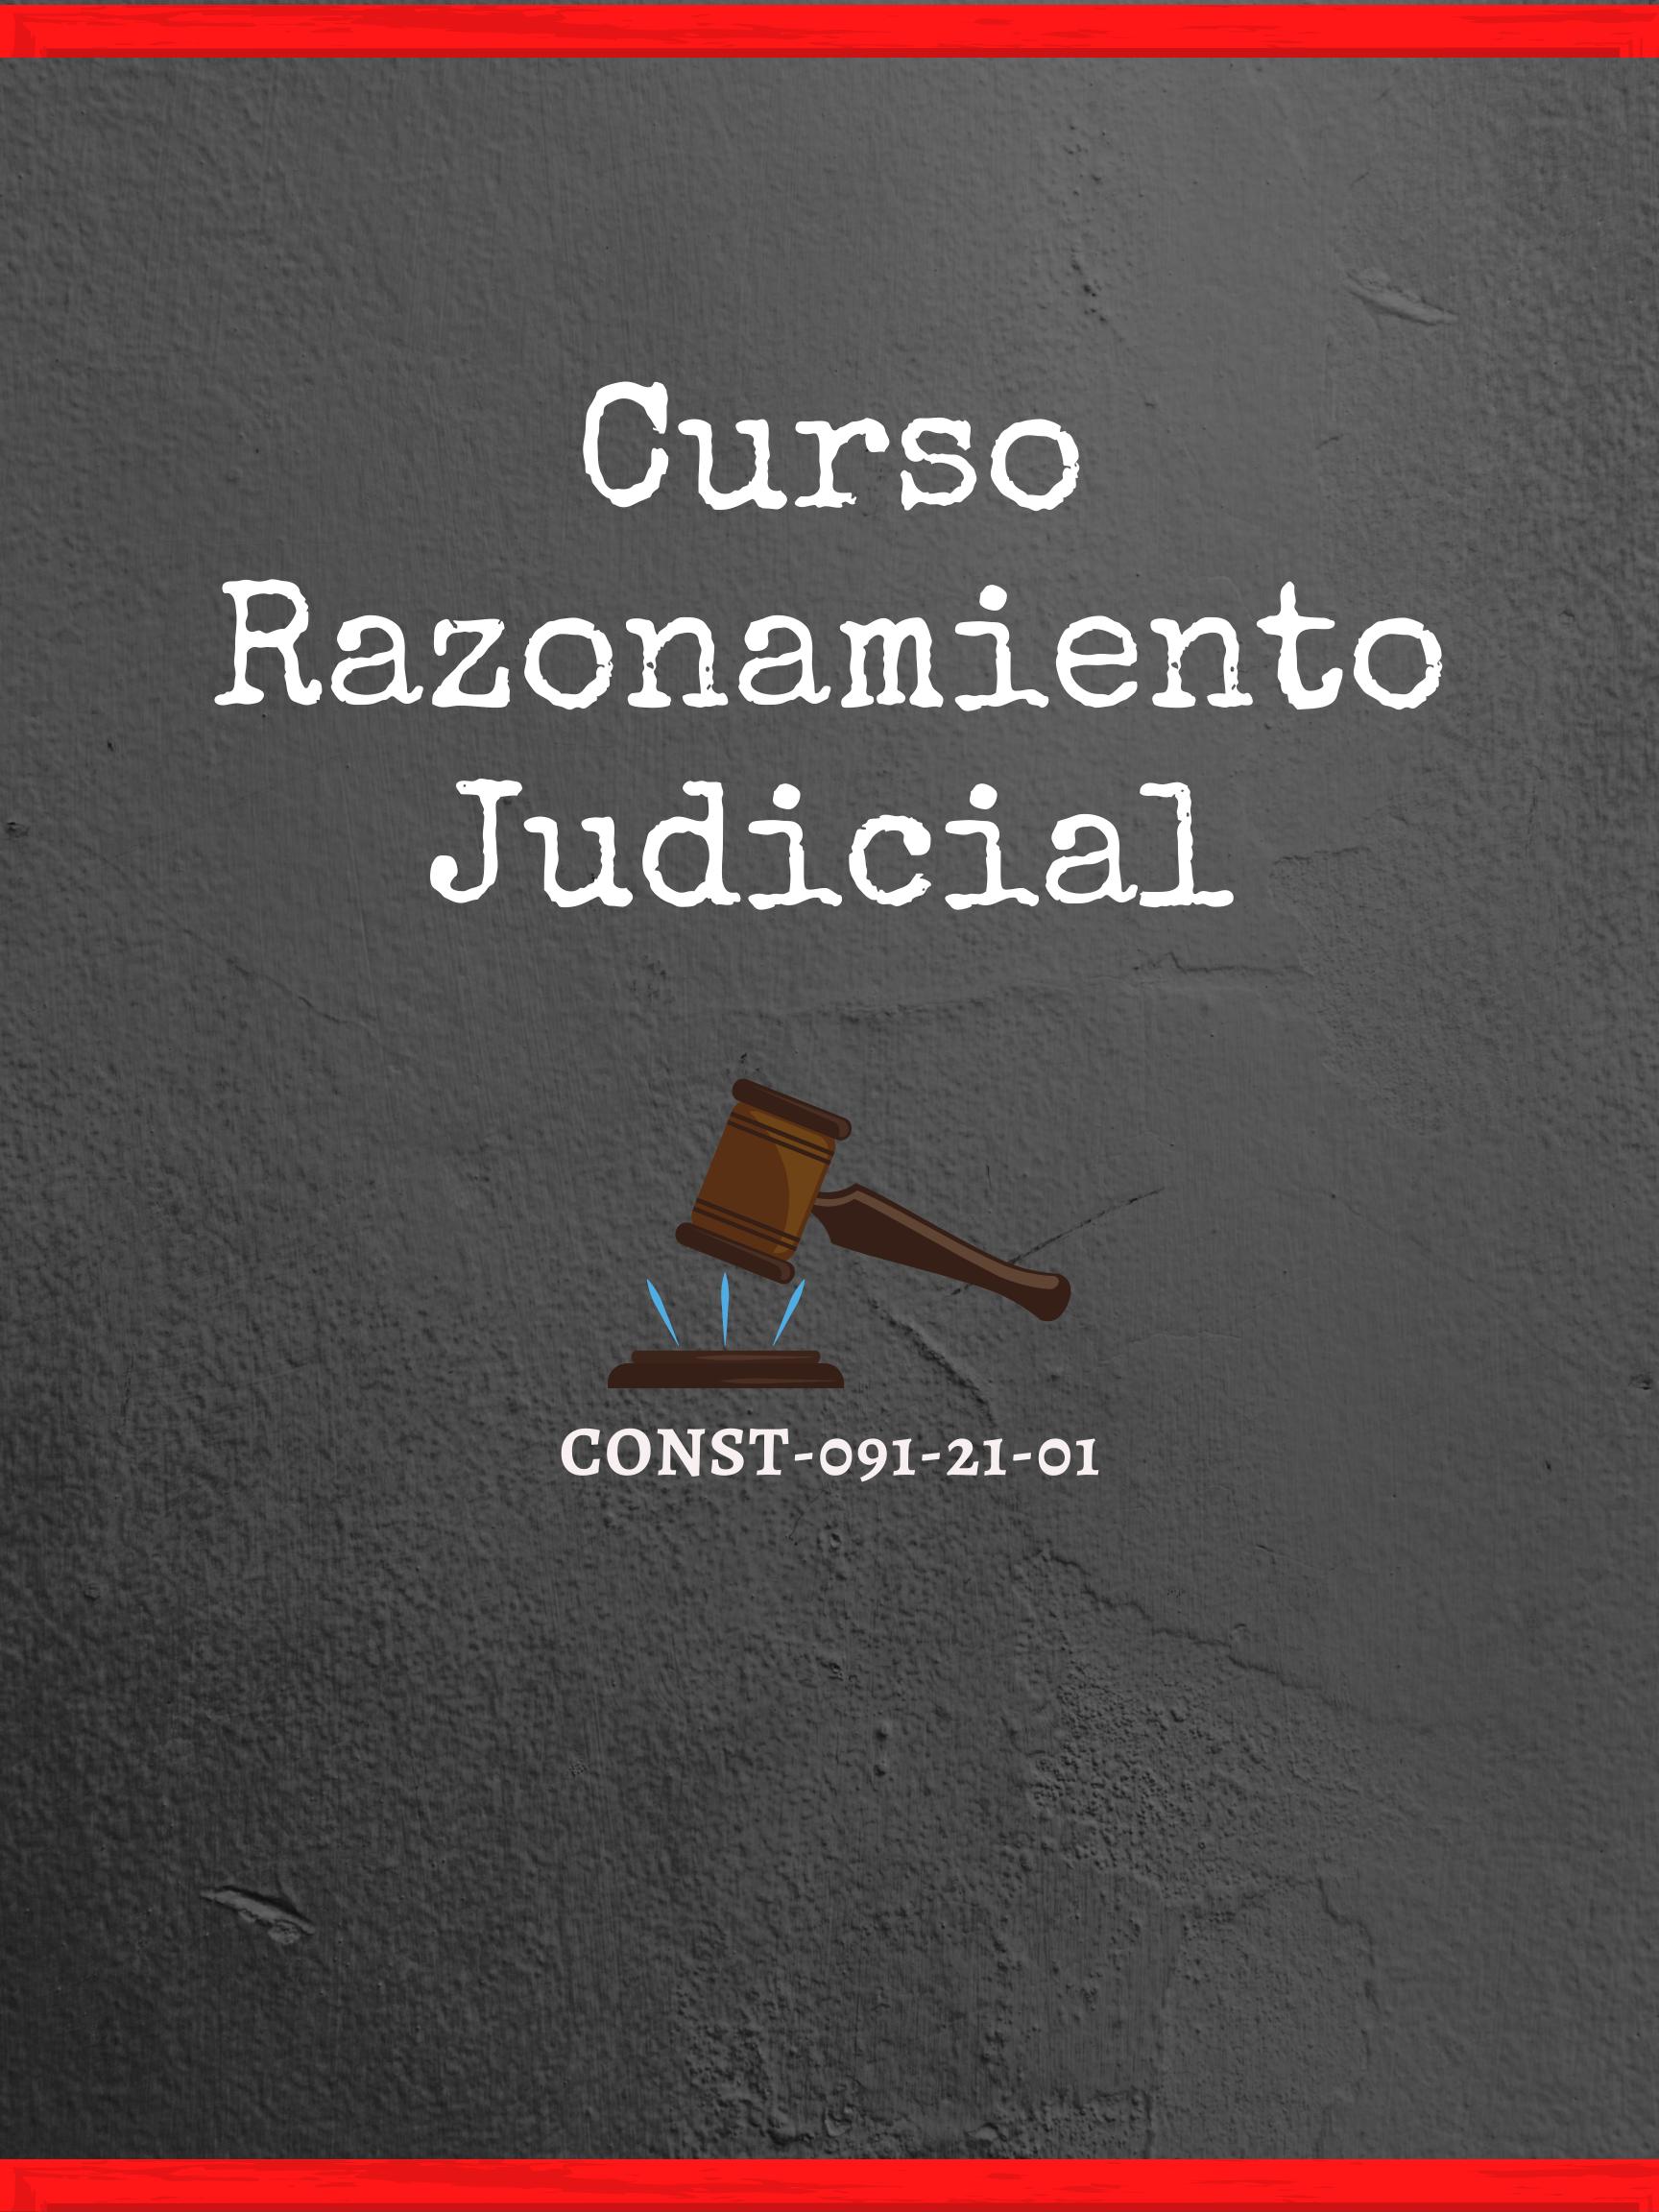 CONST-091- 21-01 Curso Razonamiento Judicial